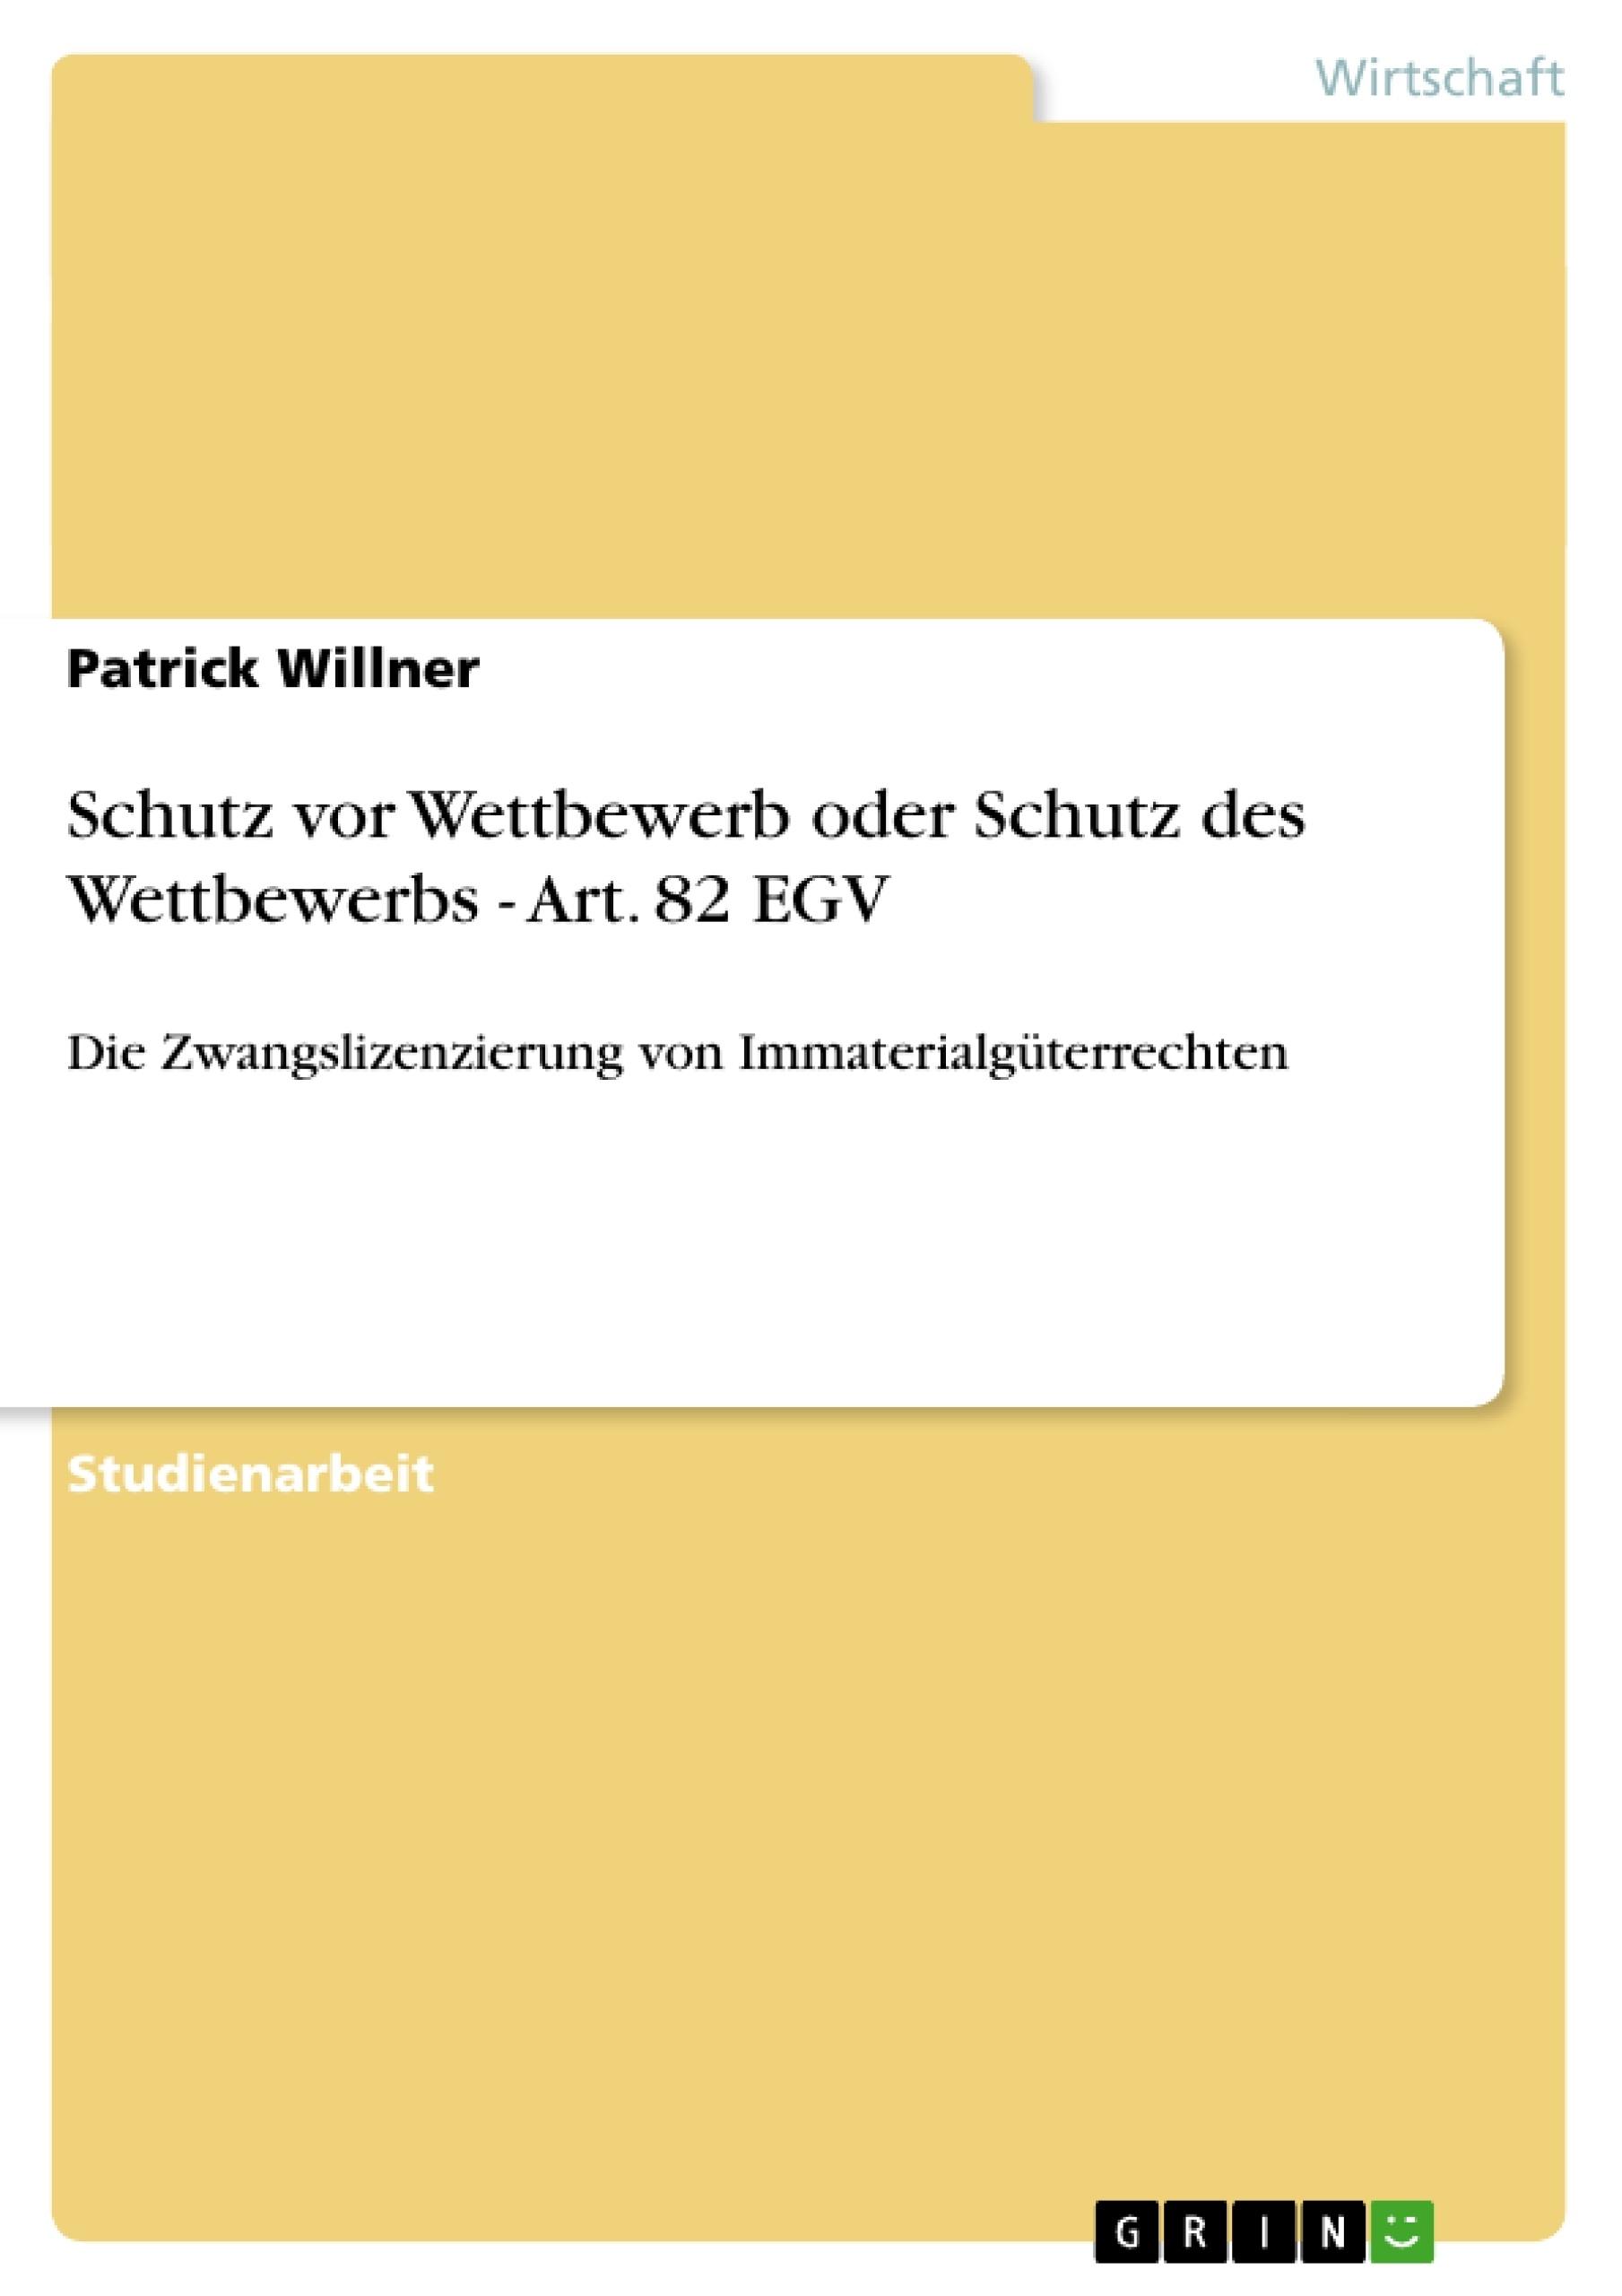 Titel: Schutz vor Wettbewerb oder Schutz des Wettbewerbs - Art. 82 EGV